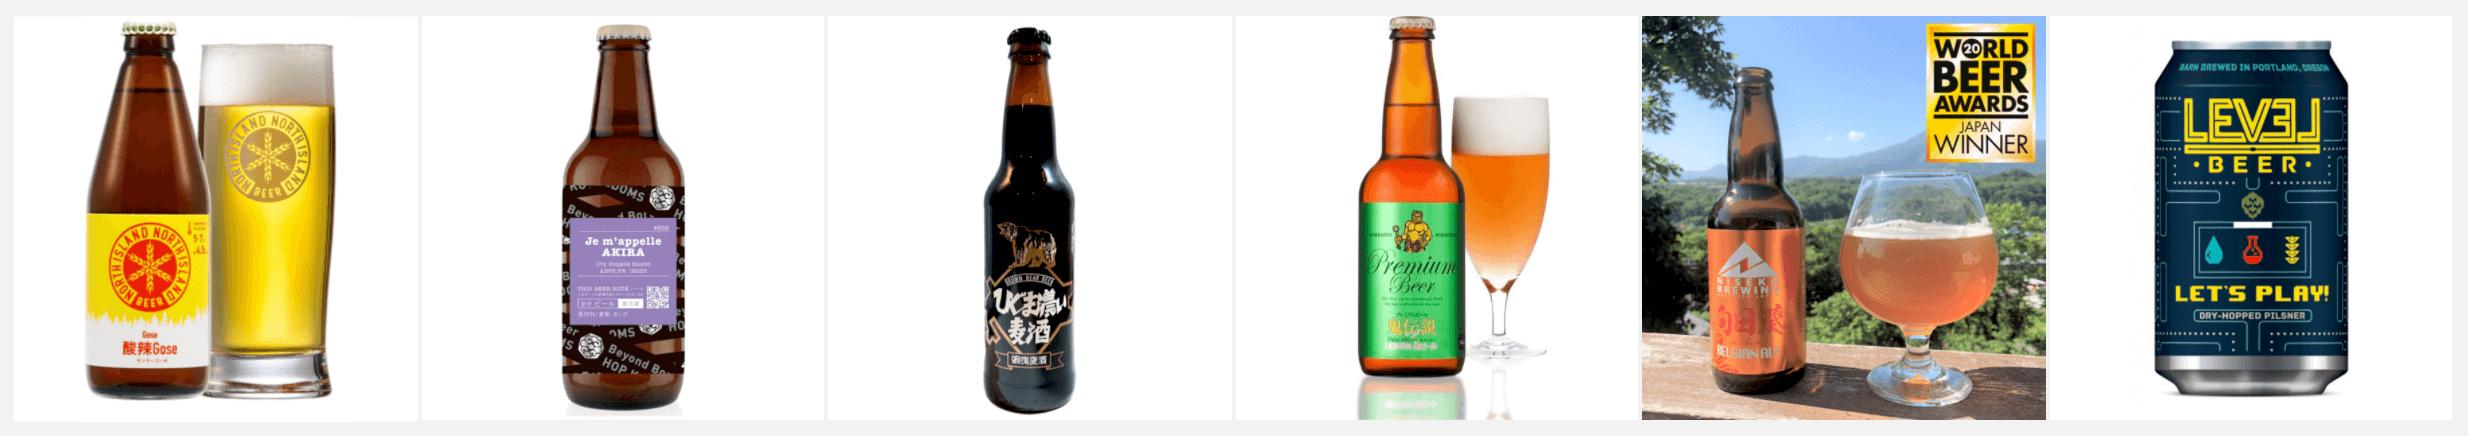 Otomoni(オトモニ)の『全国ビアフェス横断キャンペーン』-Sapporo Craft Beer Forestのビール